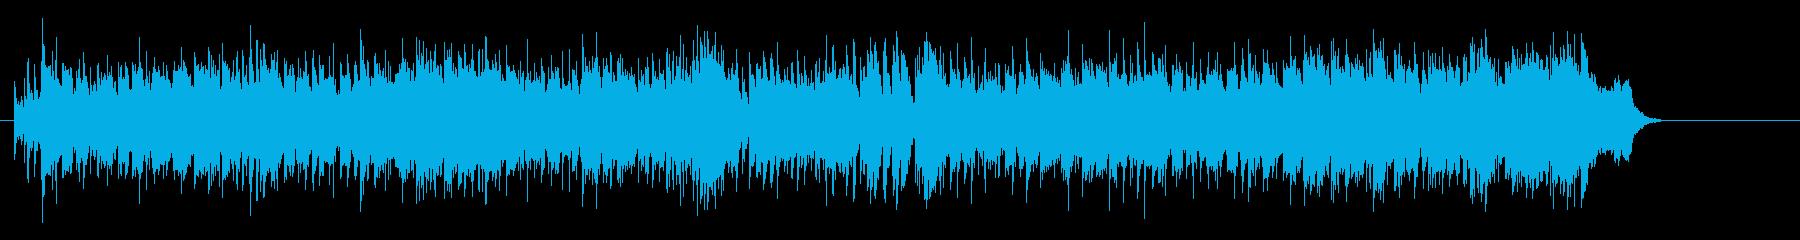 コテンポラリーな中華ポップ/ロックの再生済みの波形